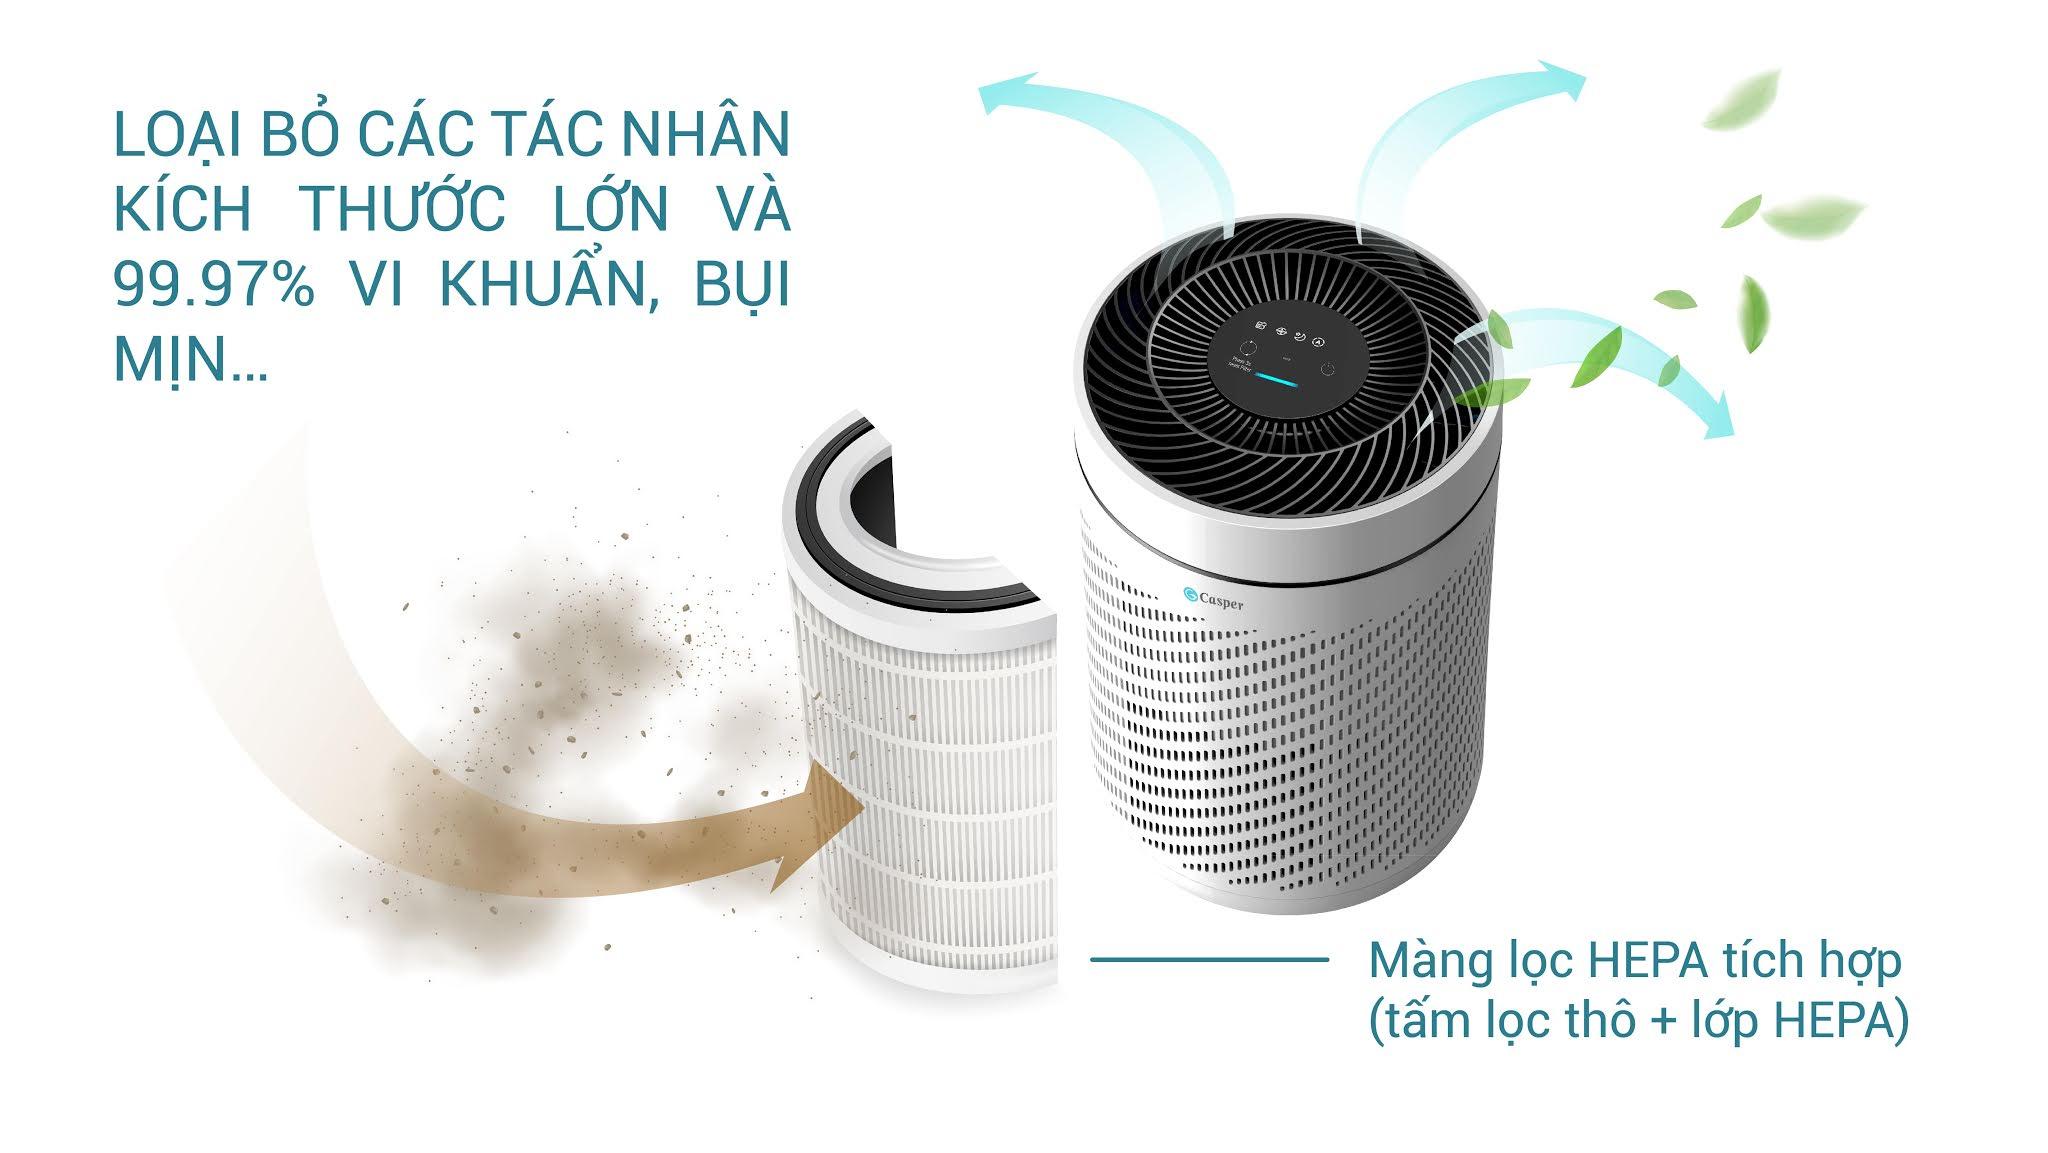 Khả năng lọc sạch không khí trong phòng: